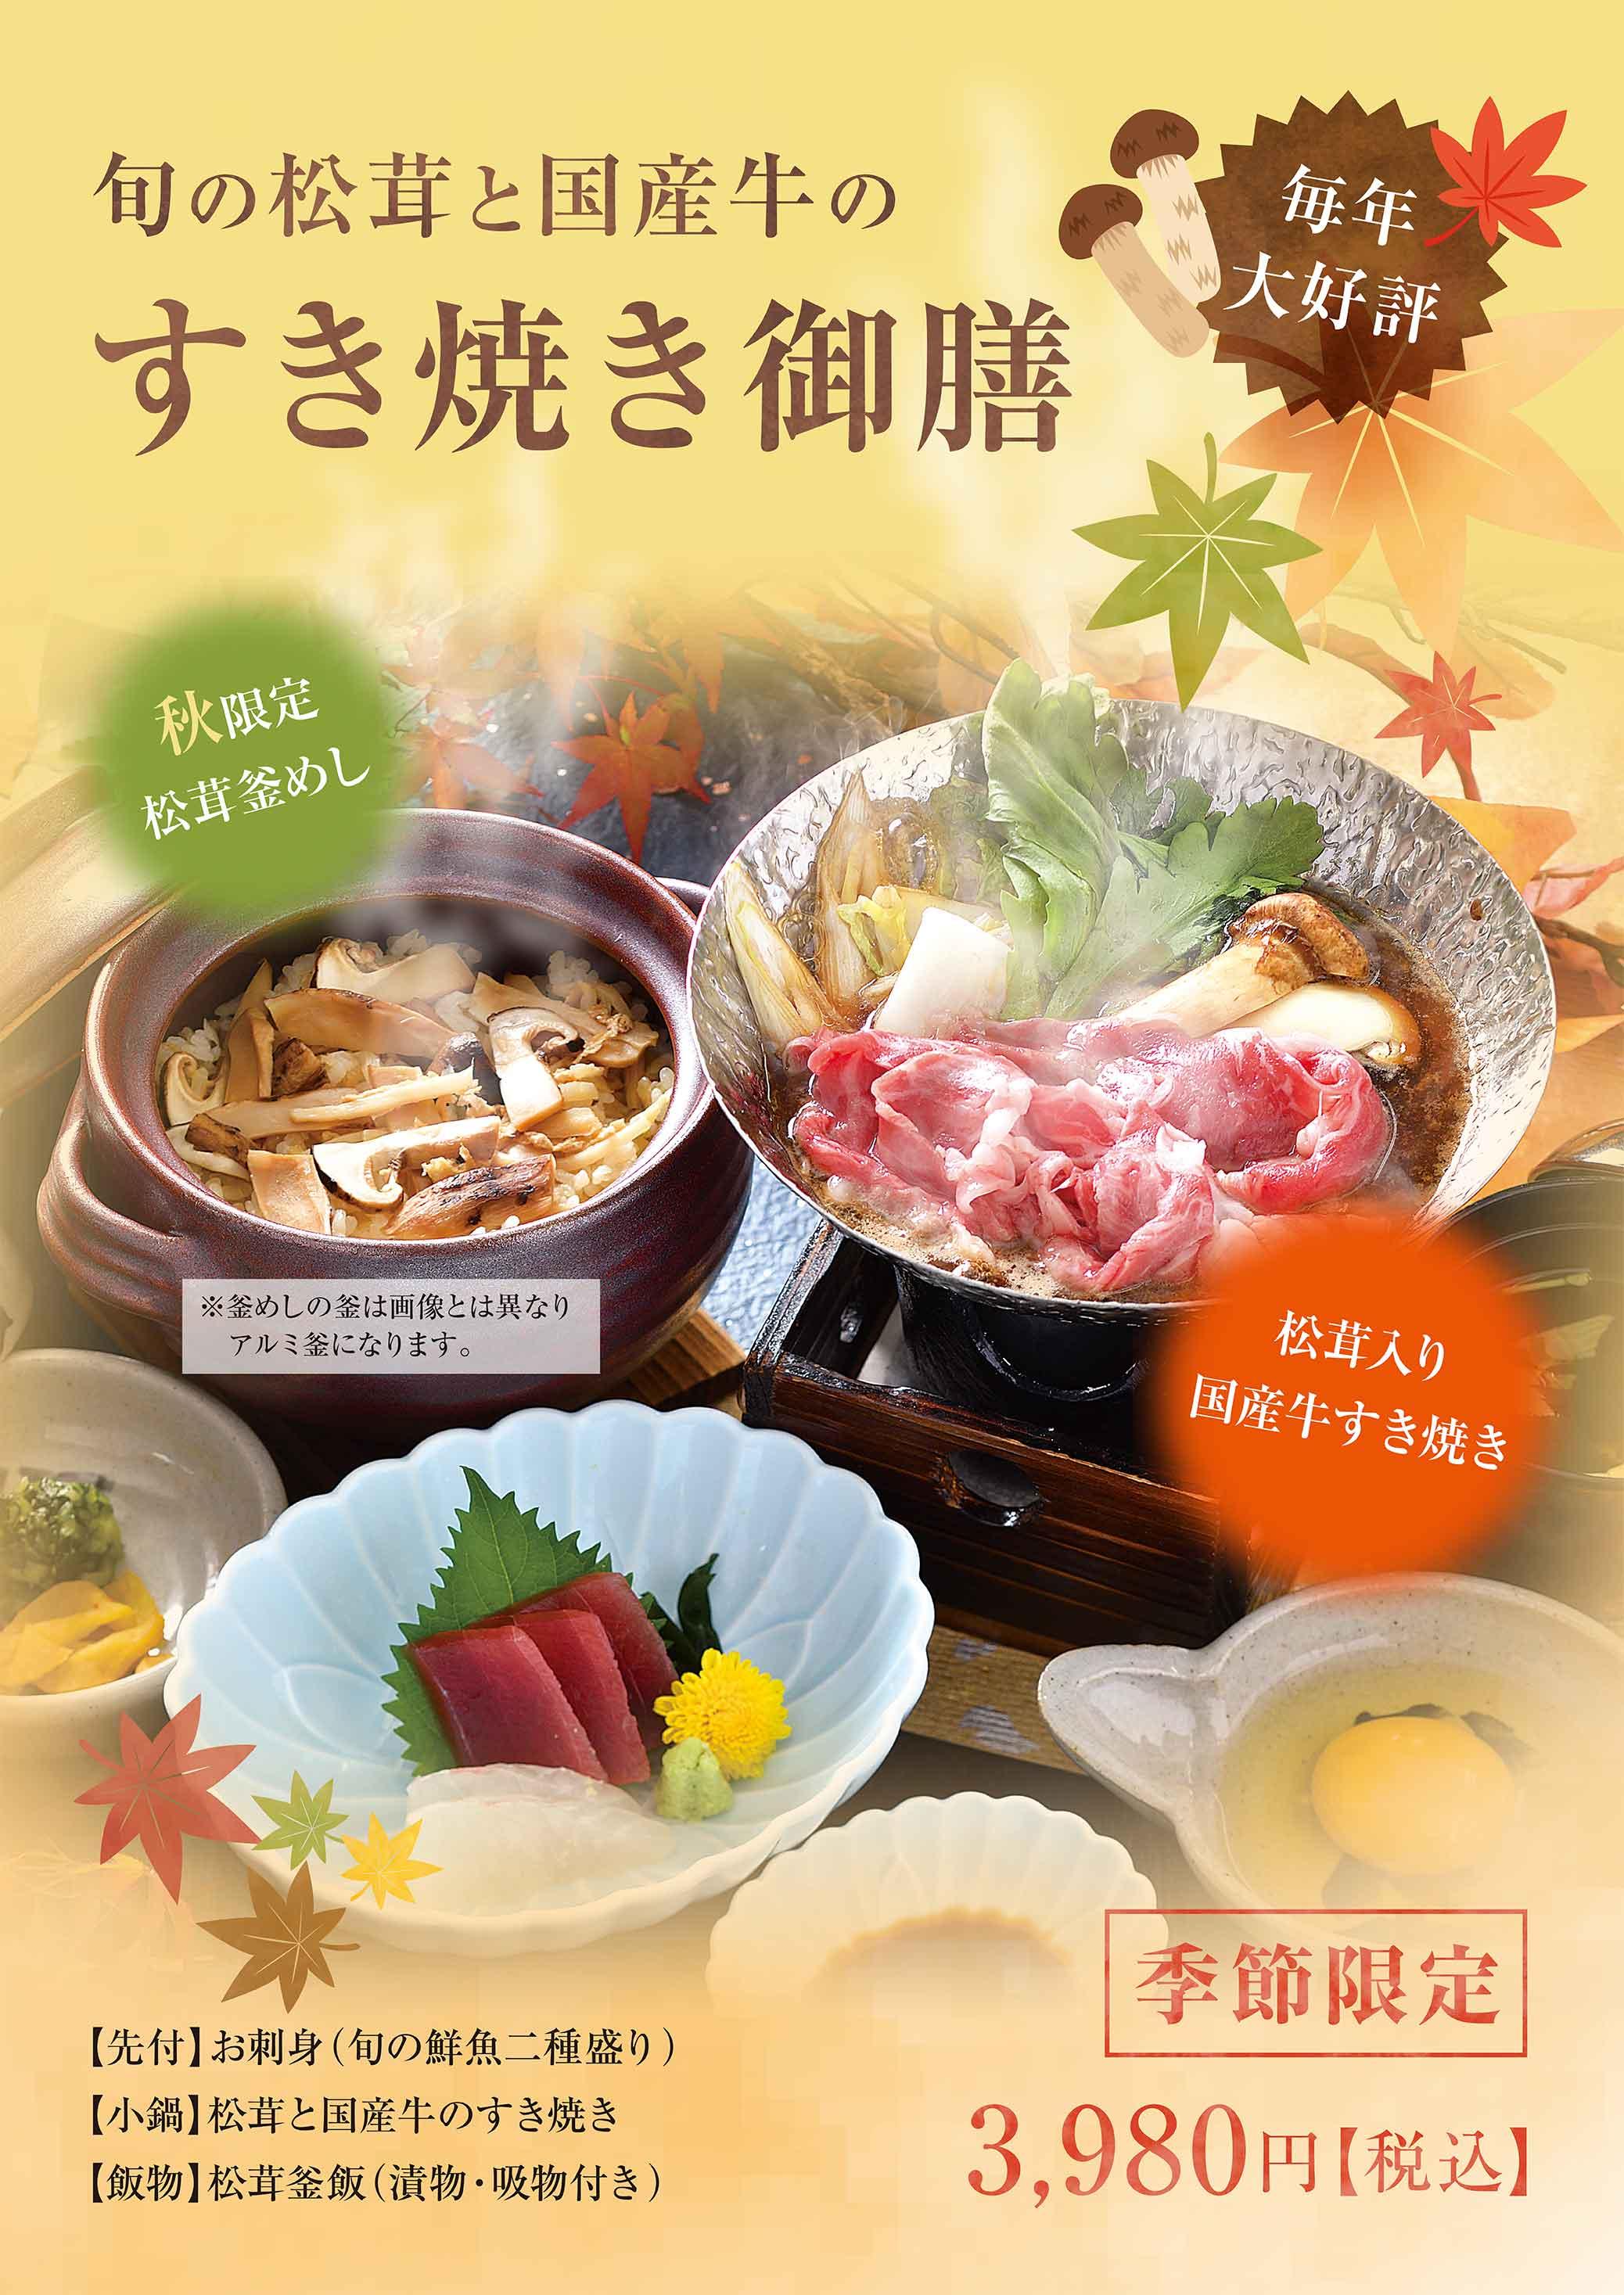 【イオン店】9/1〜『旬の松茸とすき焼き御膳』〈期間限定〉